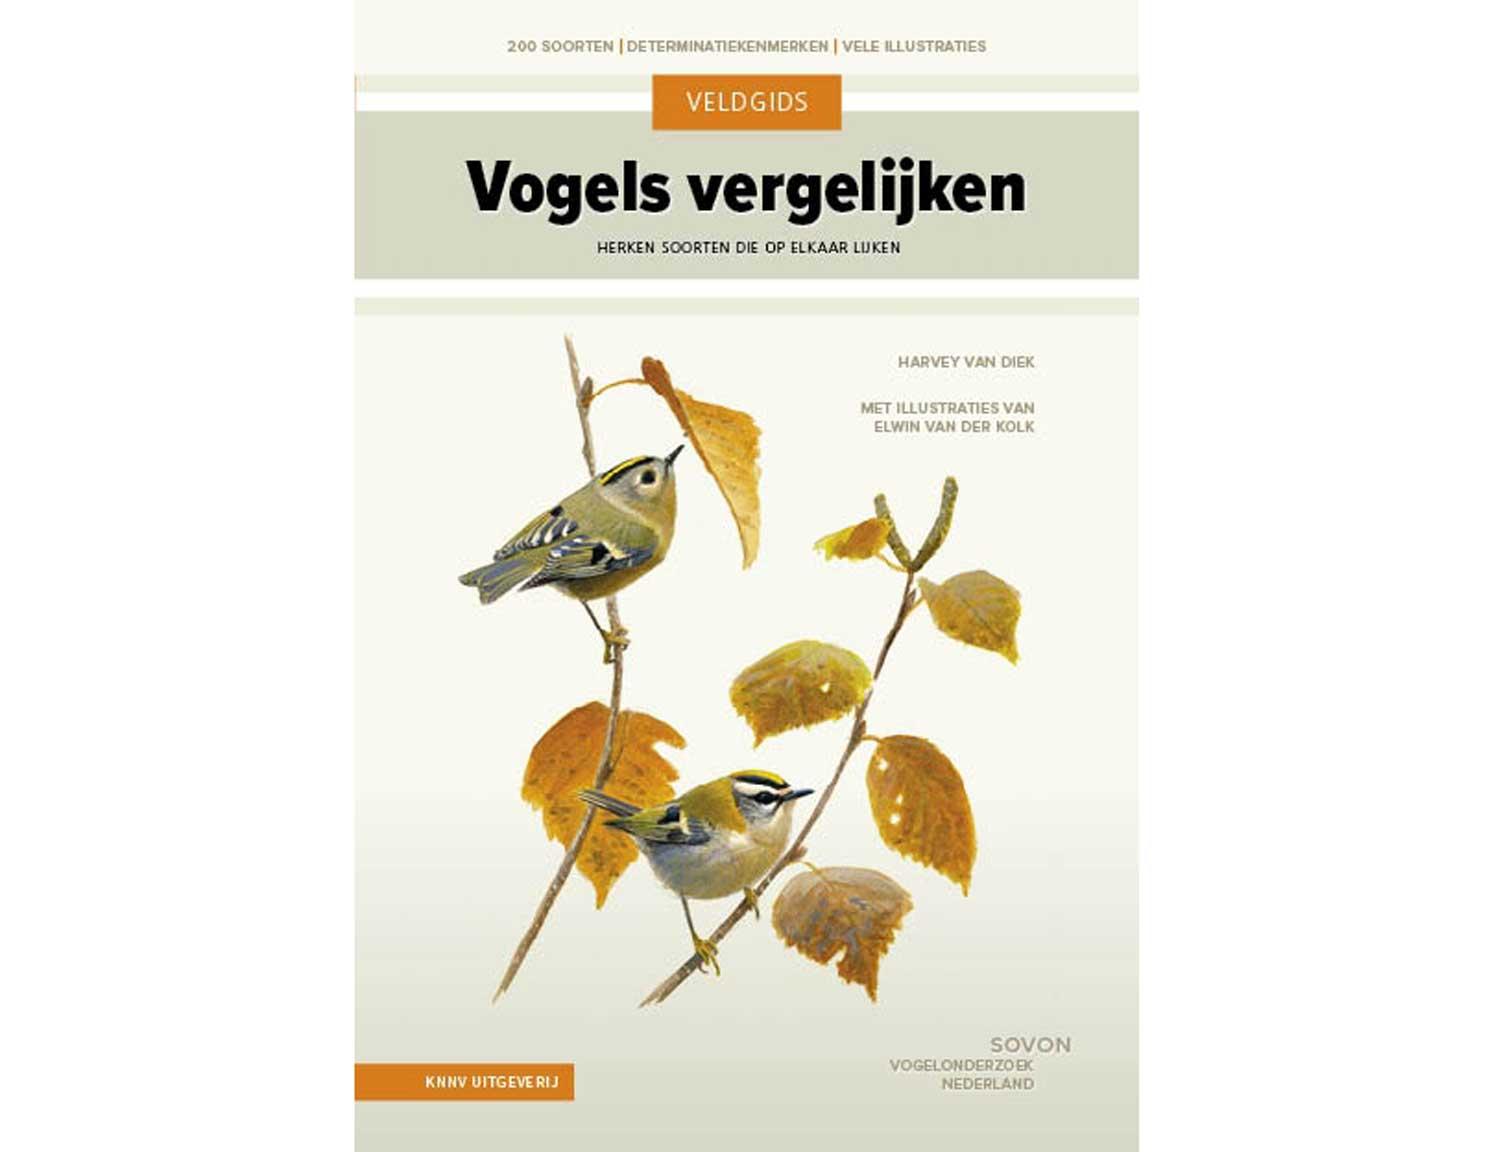 veldgids_vogels_vergelijken_